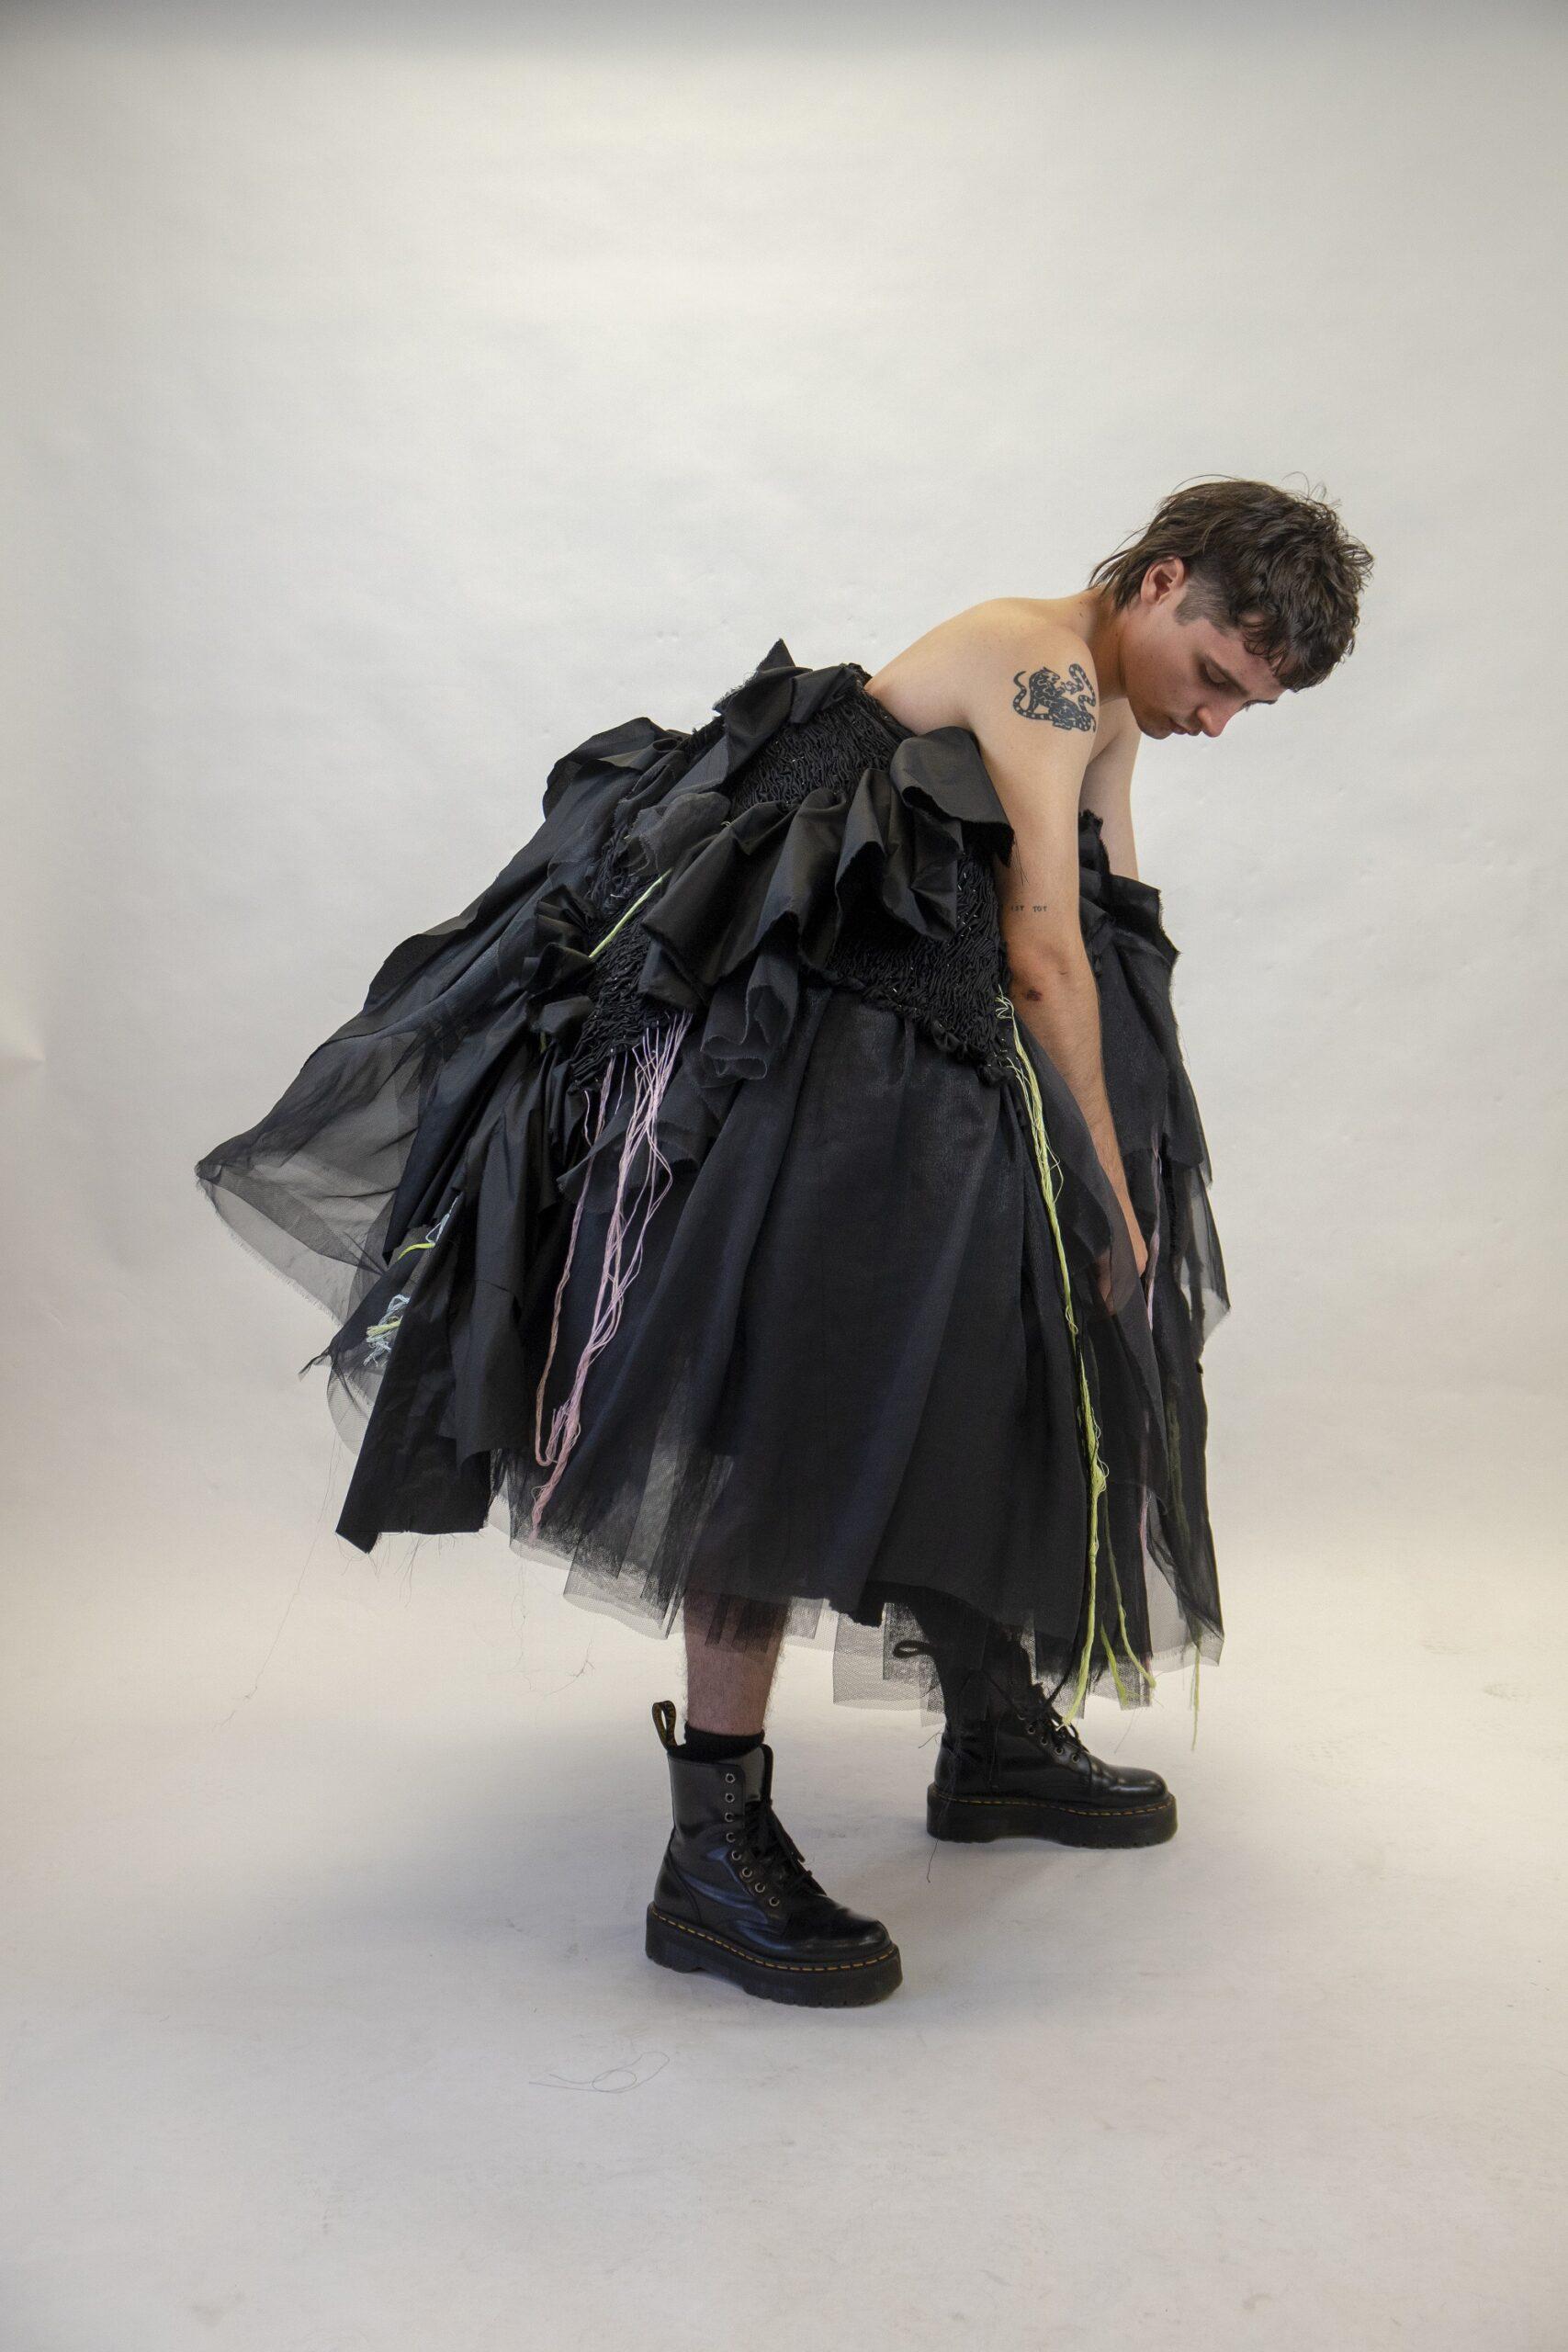 IsobelD dress